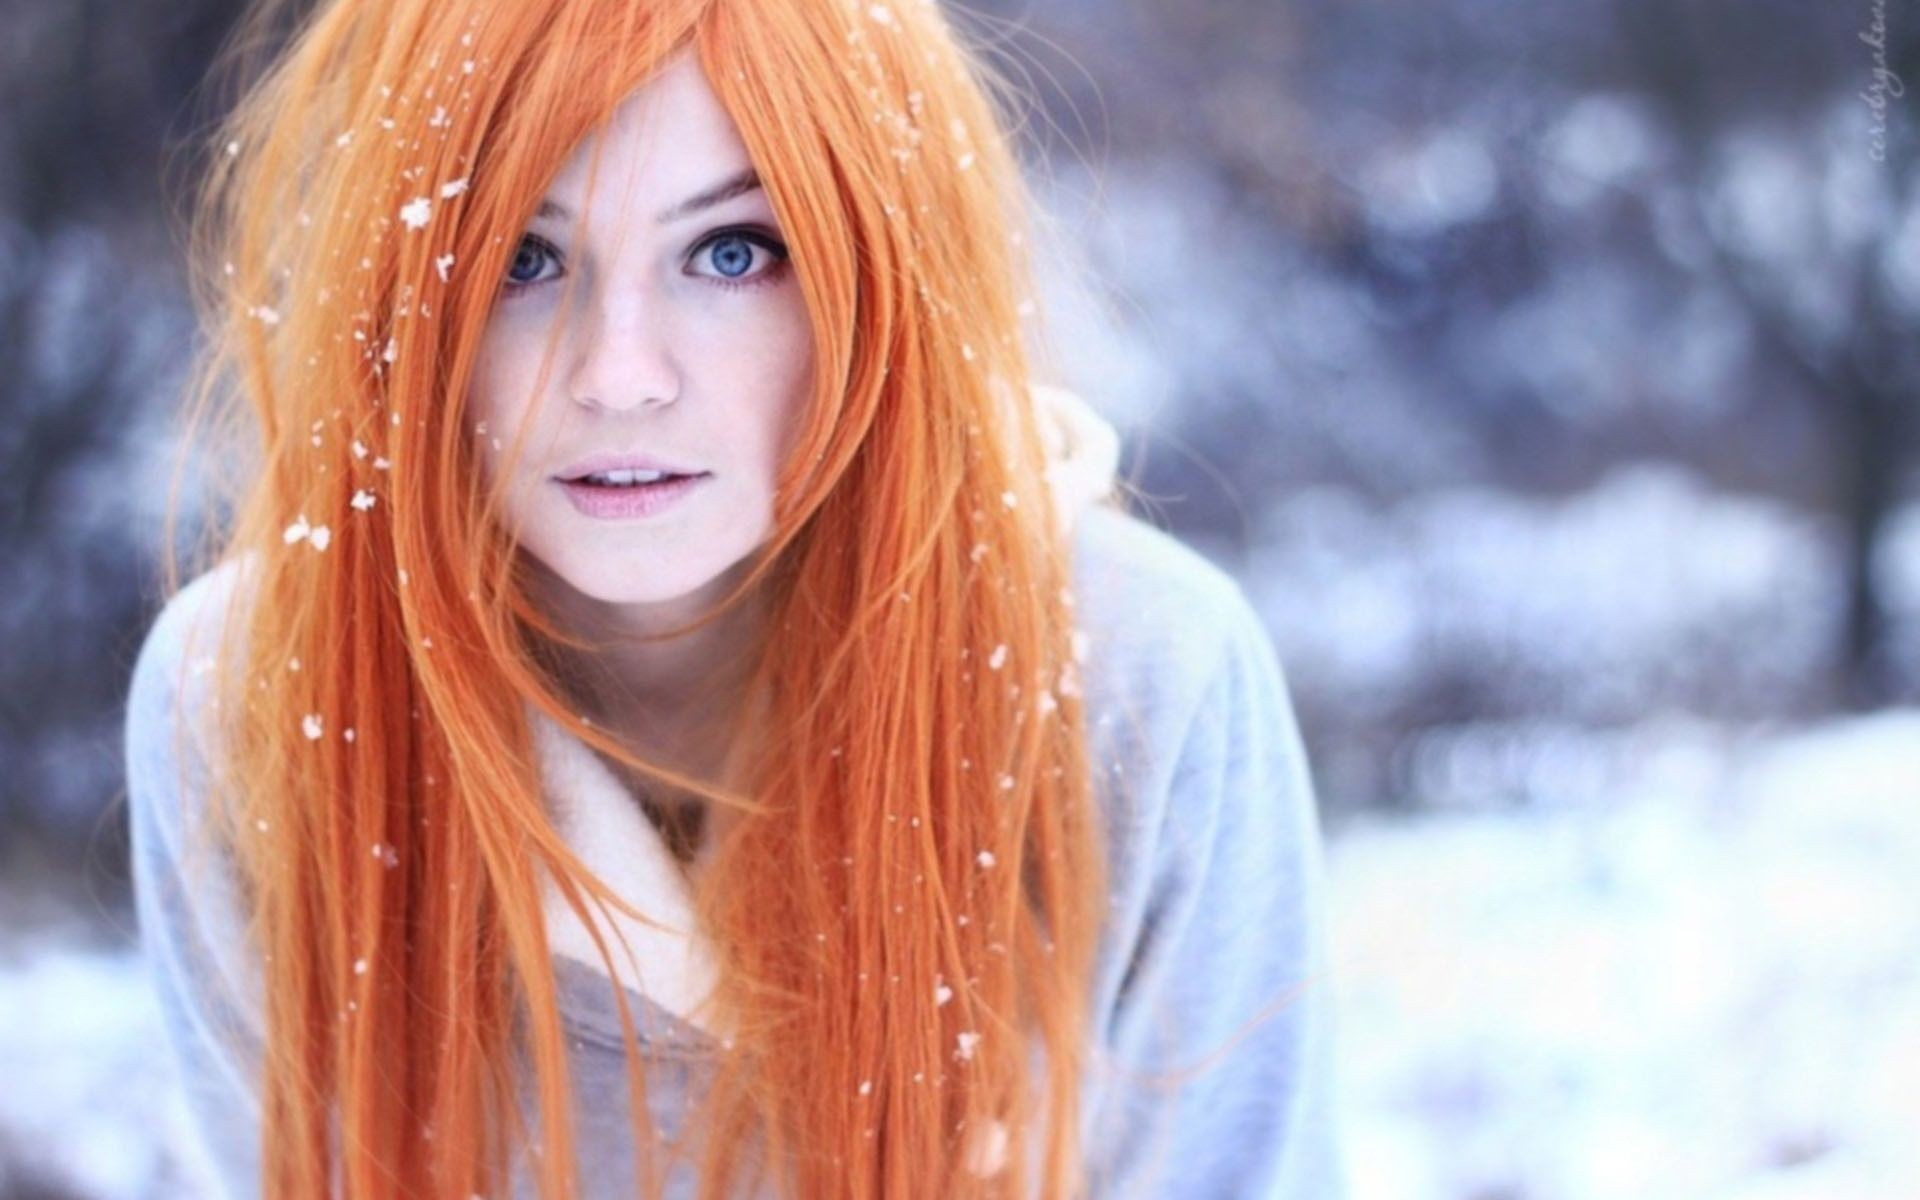 Самые красивые фото рыжих девушек в россии 3 фотография